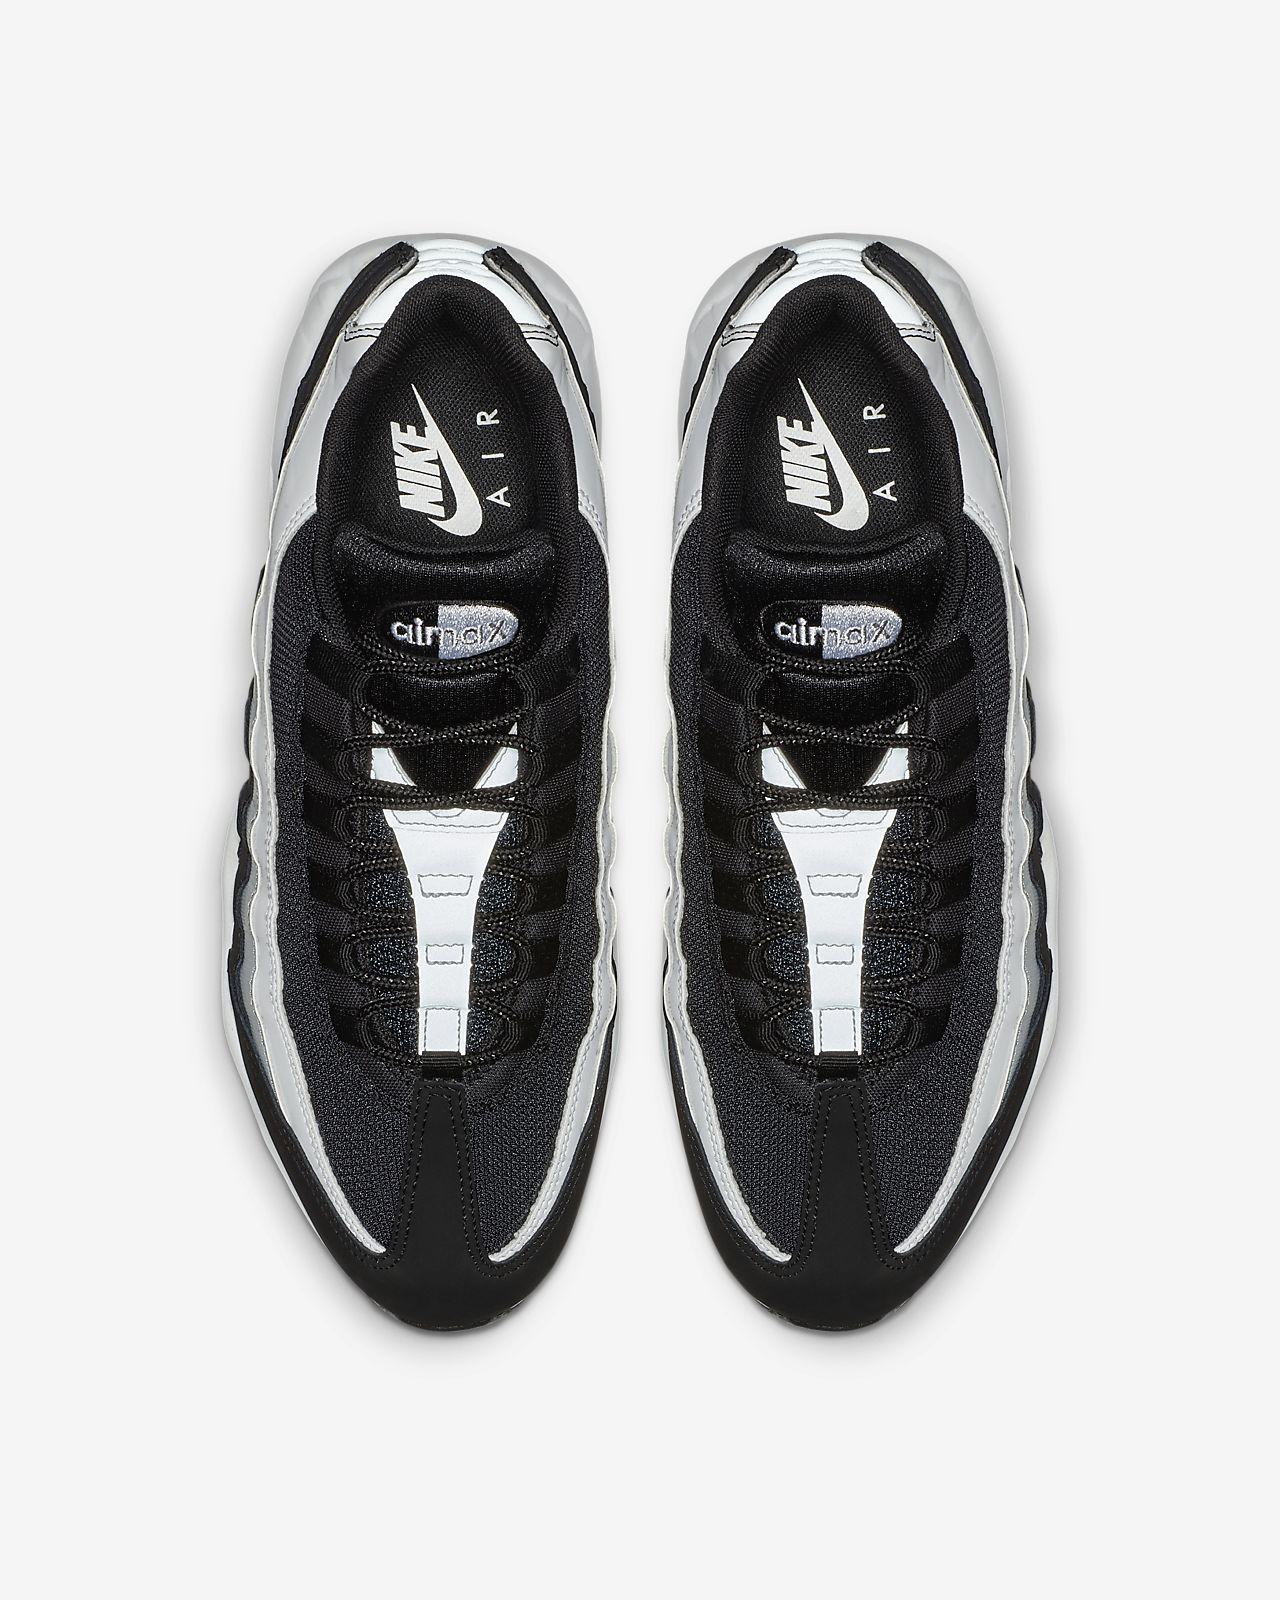 online retailer 2dbda ab351 ... Nike Air Max 95 Essential Men s Shoe